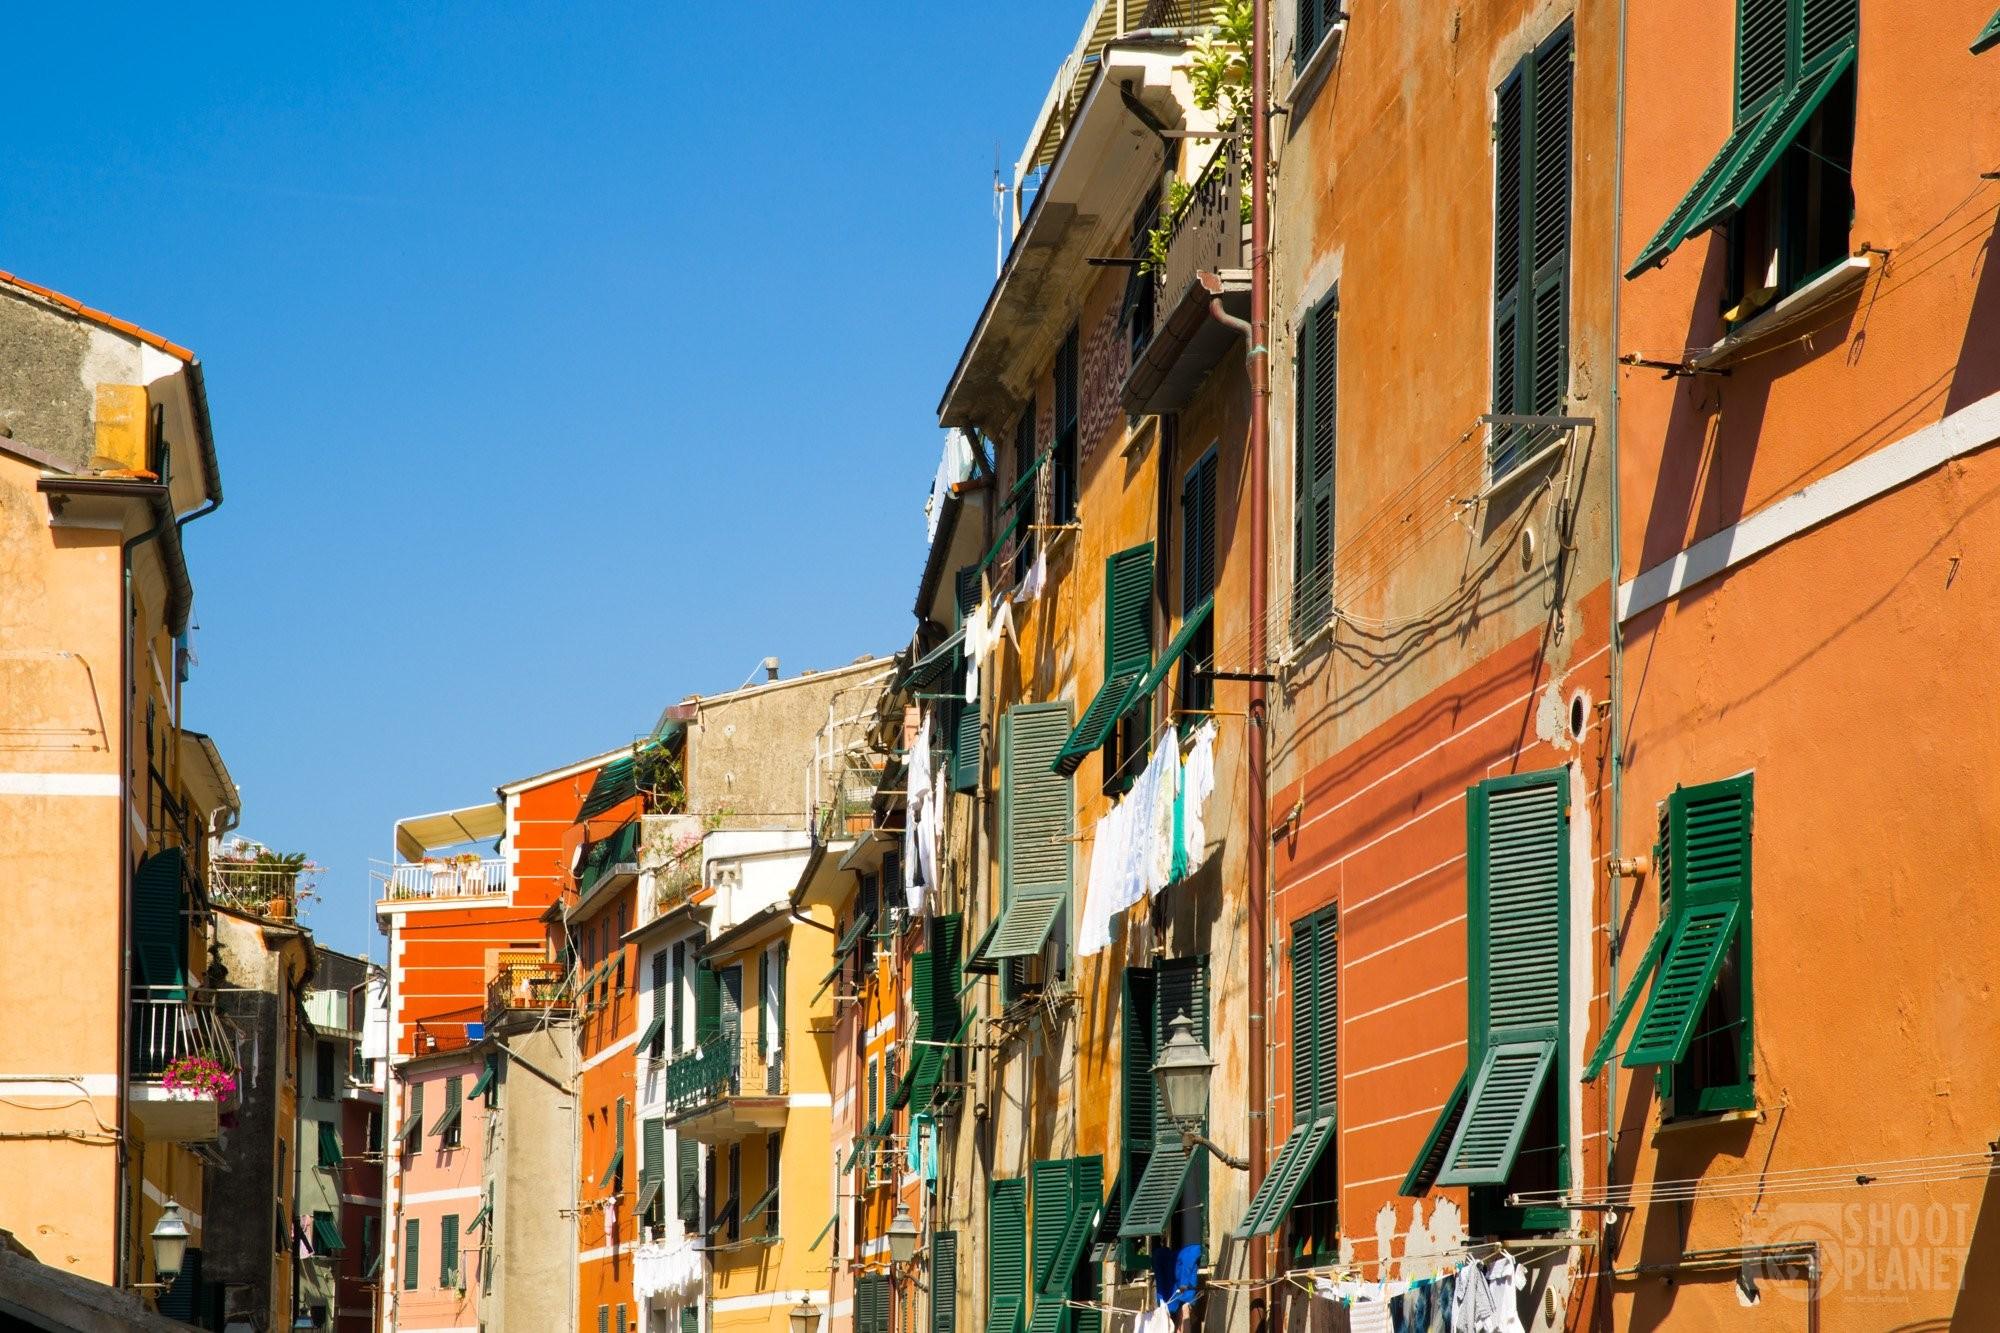 Vernazza village streets in Cinque Terre Italy